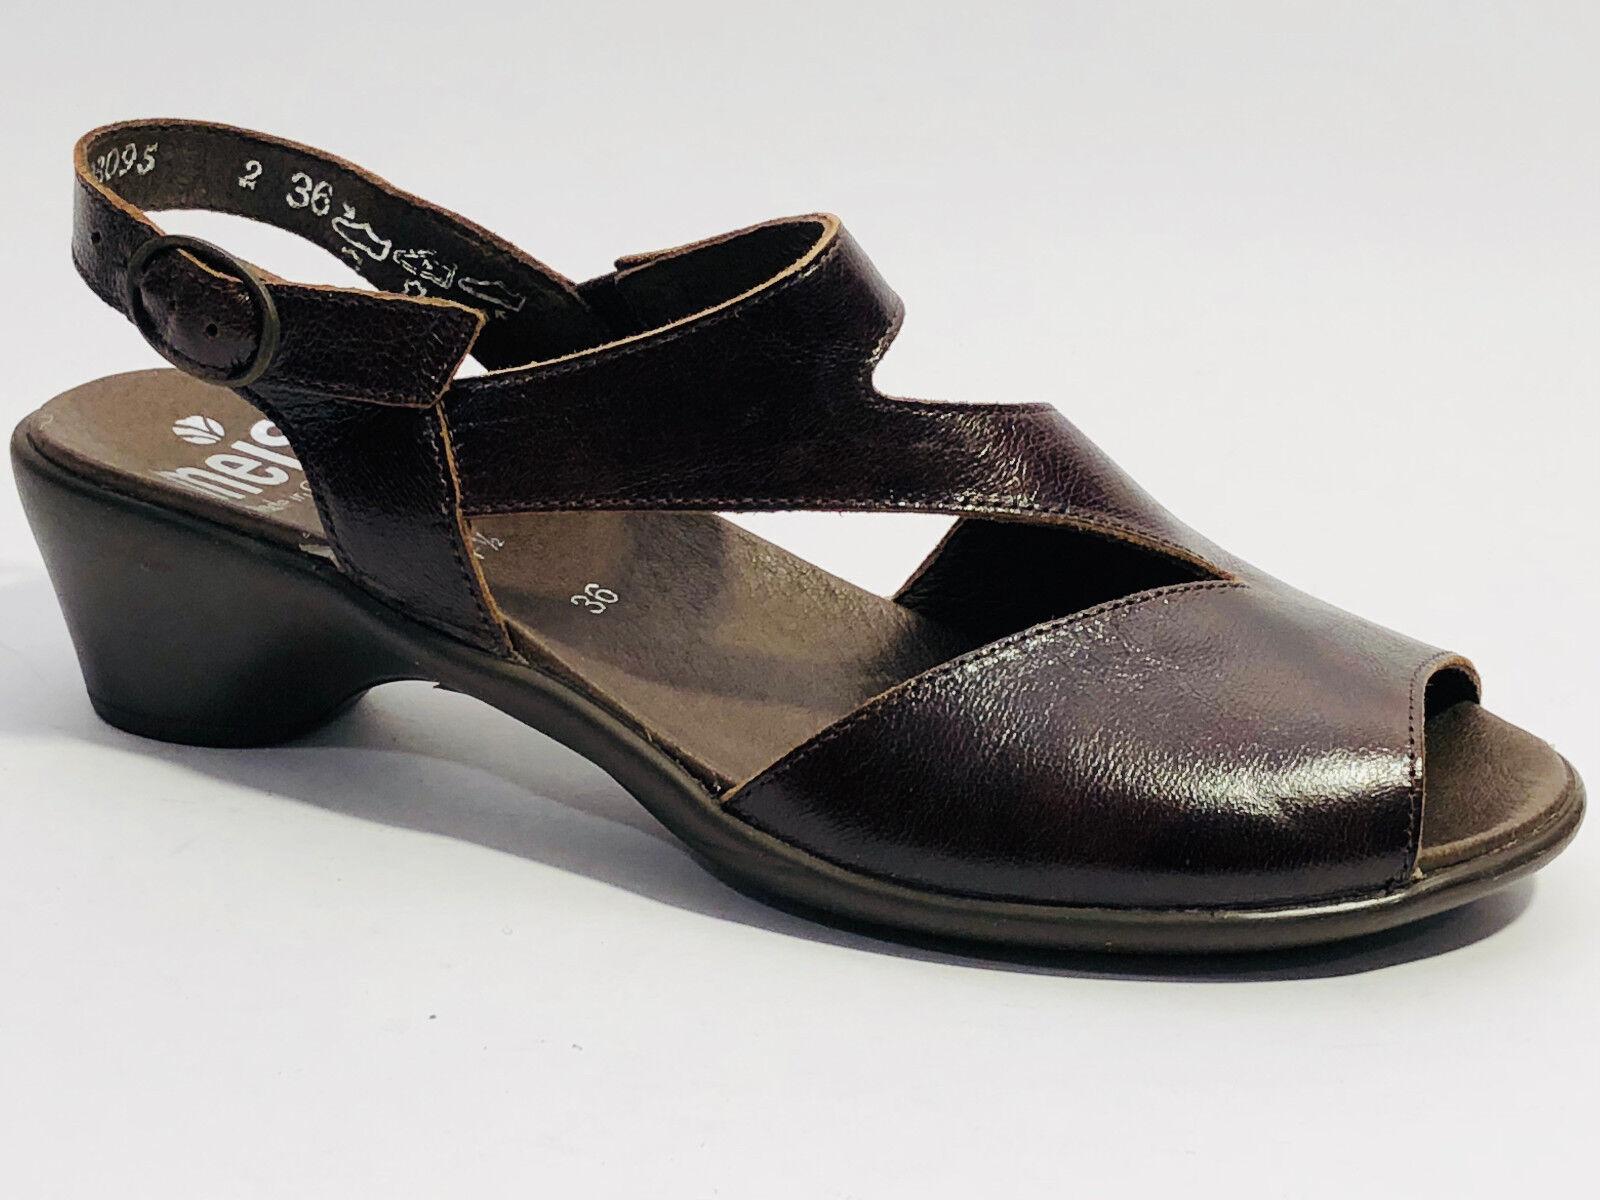 4ce83f5f Meisi zapatos cuero liso sandalias () marrón de velcro goma elástica ...